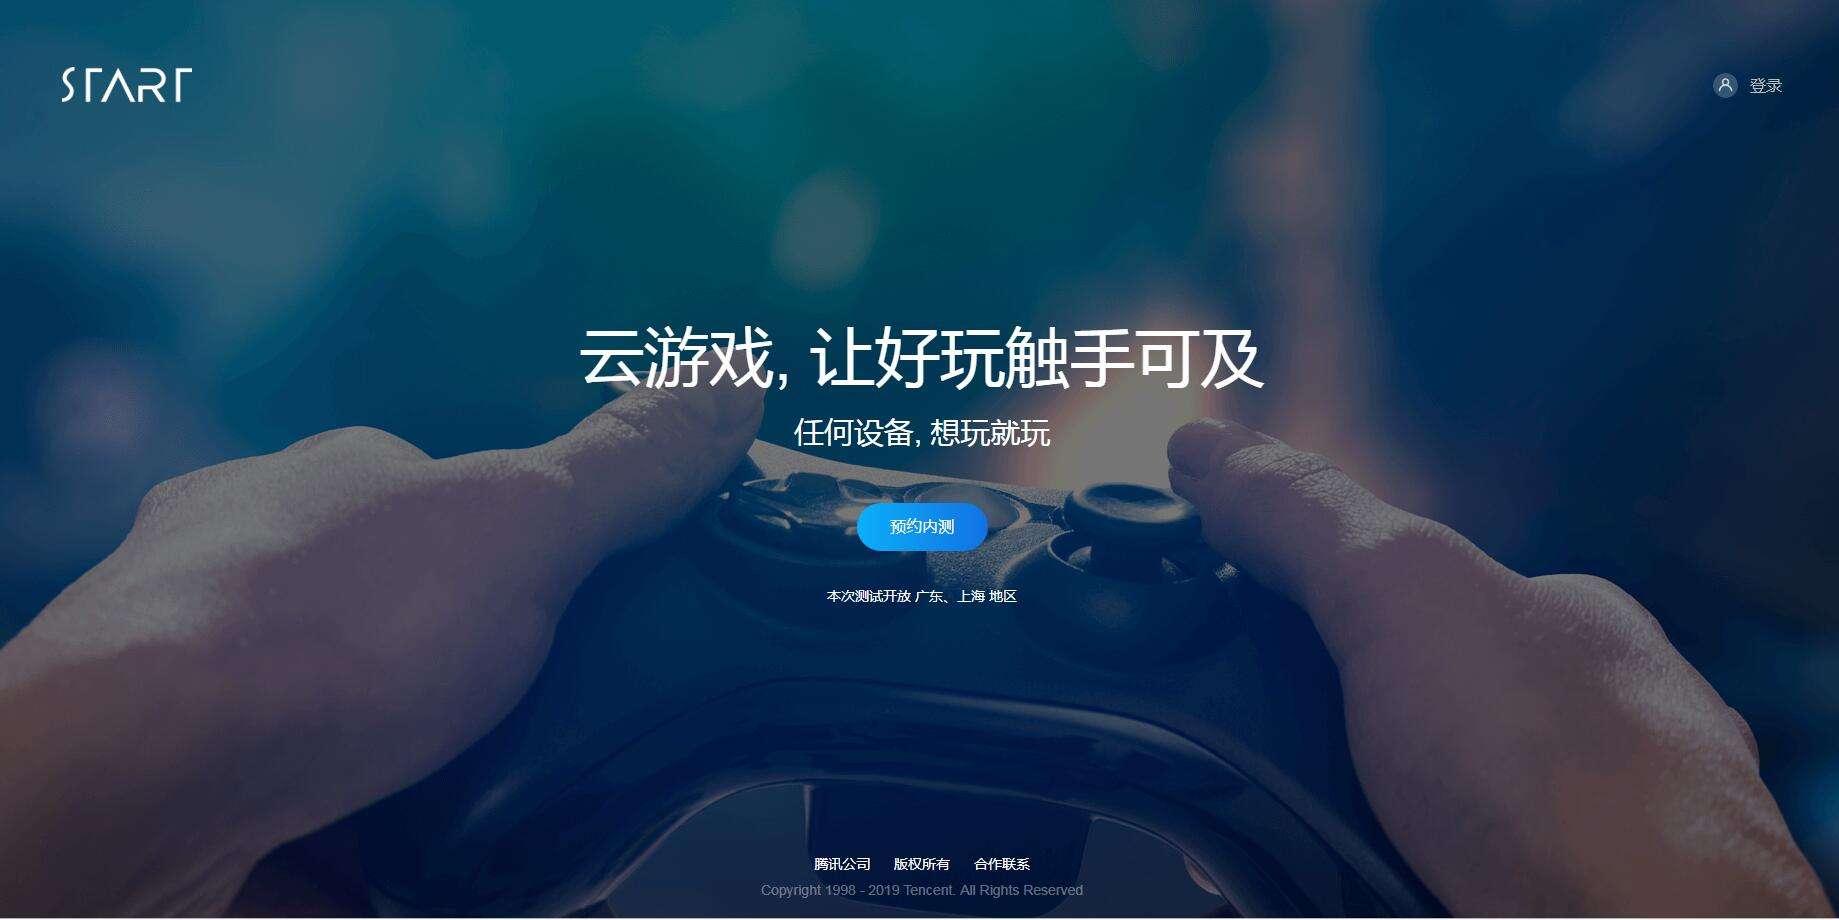 <b>游戏公司抢滩千亿云游戏市场</b>